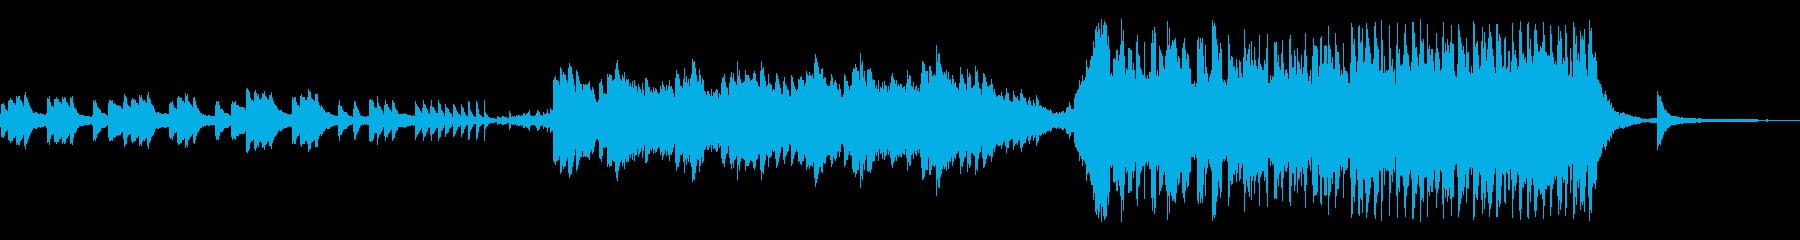 1分で別世界へ行けるオープニング楽曲の再生済みの波形